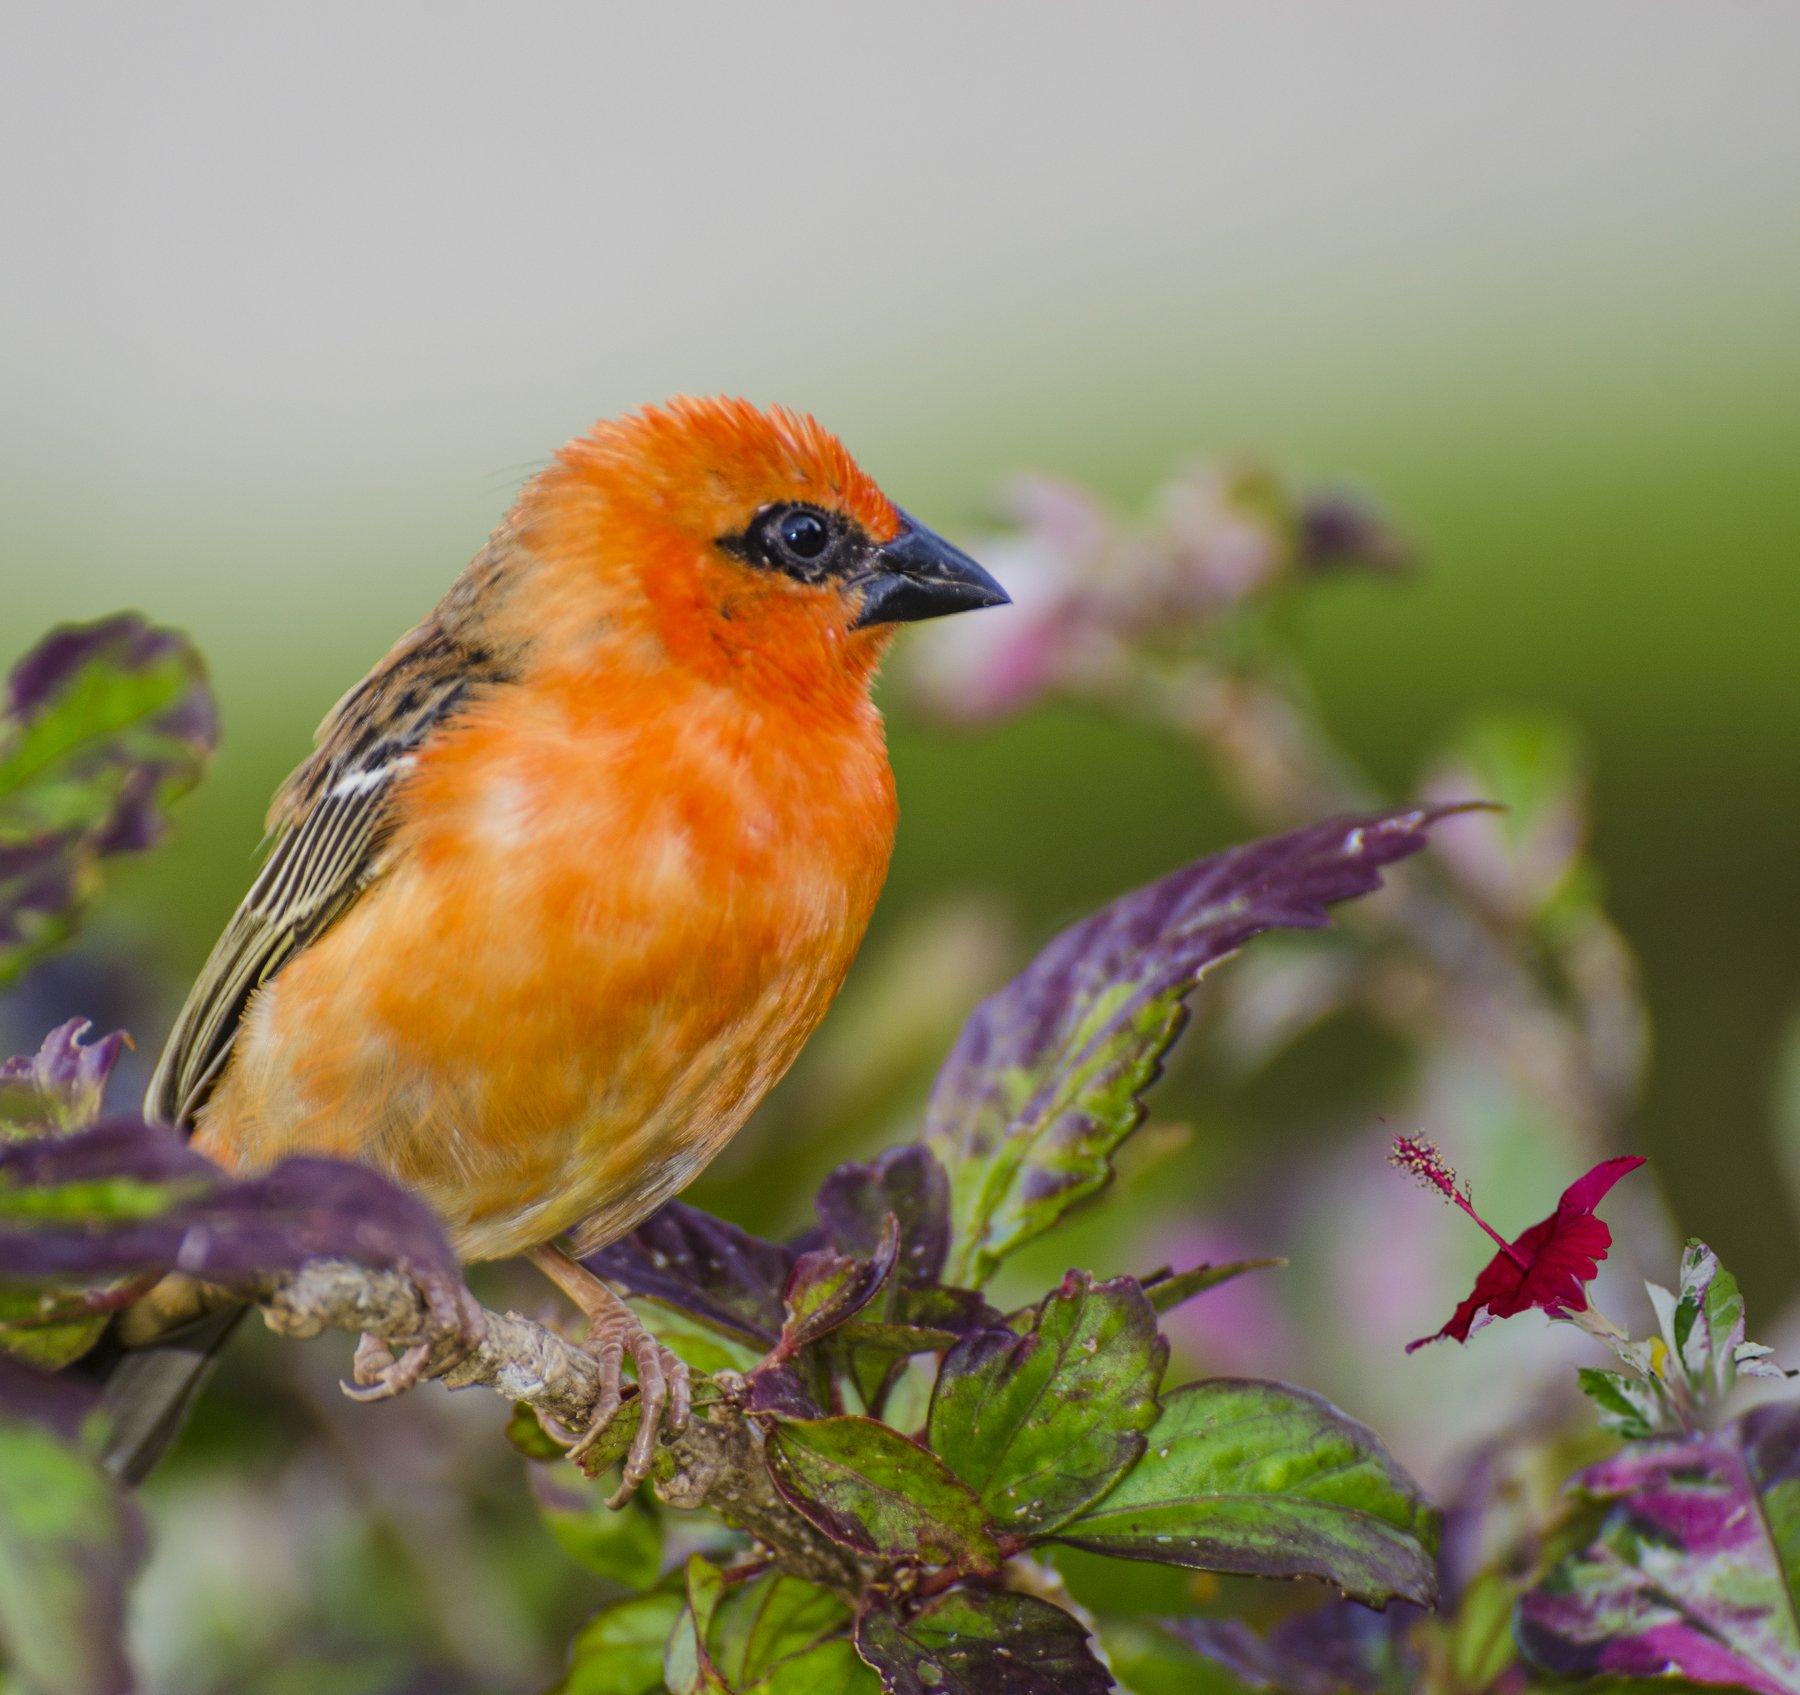 птица, оранжевая. красная, пёстрая, экзотика, тропики, Марина Мудрова